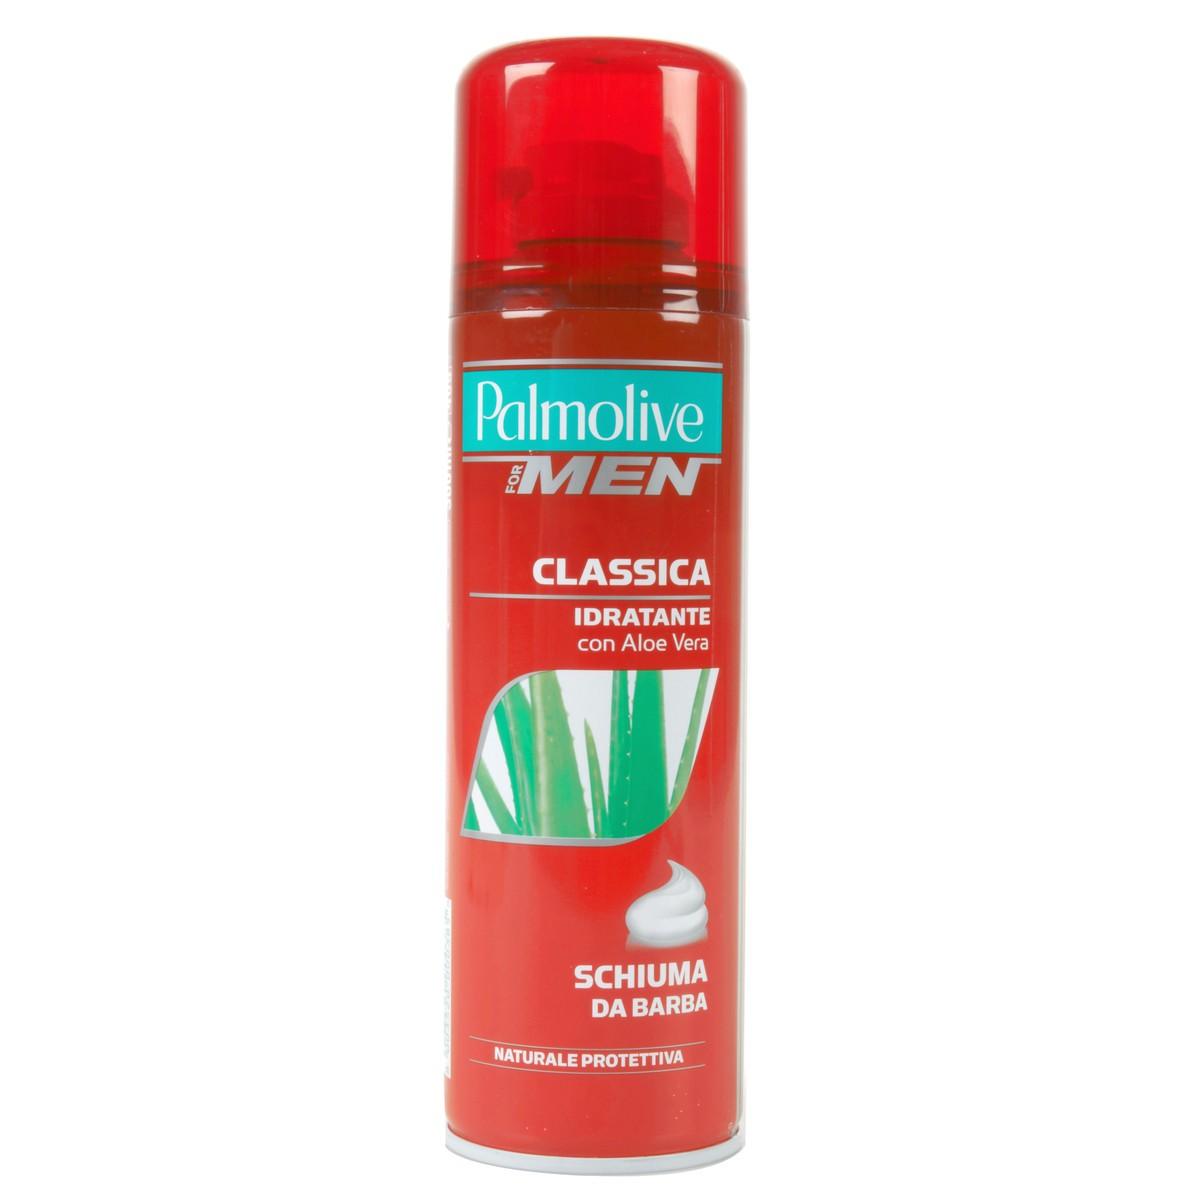 Palmolive Schiuma da barba Classica Idratante